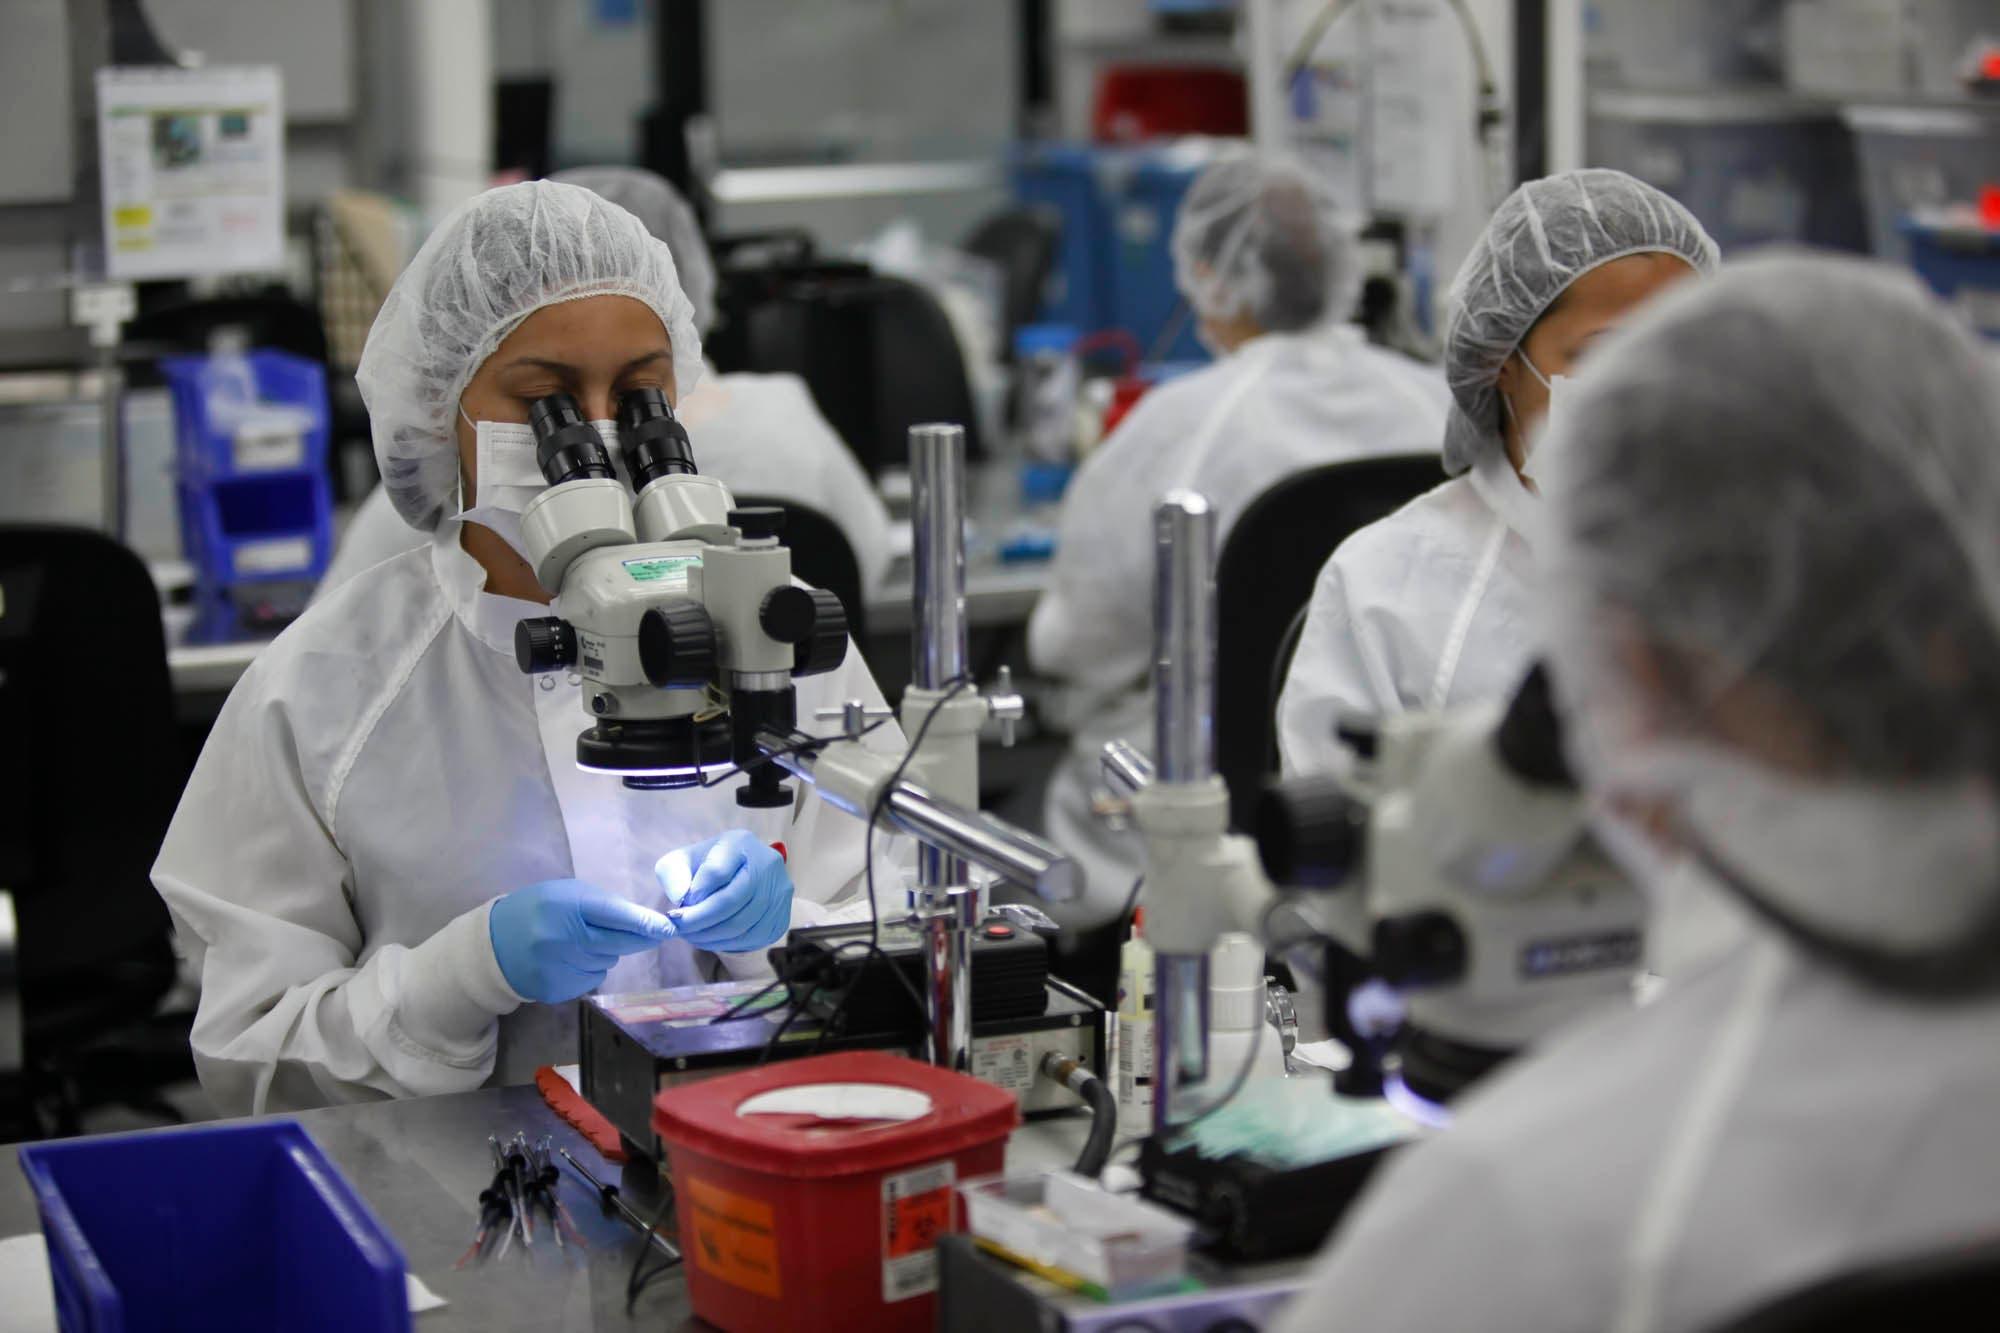 11 enero 2012 Foto: Jorge ARCE / EF. Entrevista con el gerente general de Arthorcare corporation, Andrés Salazar, empresa dedicada a la fabricación de dispositivos médicos.